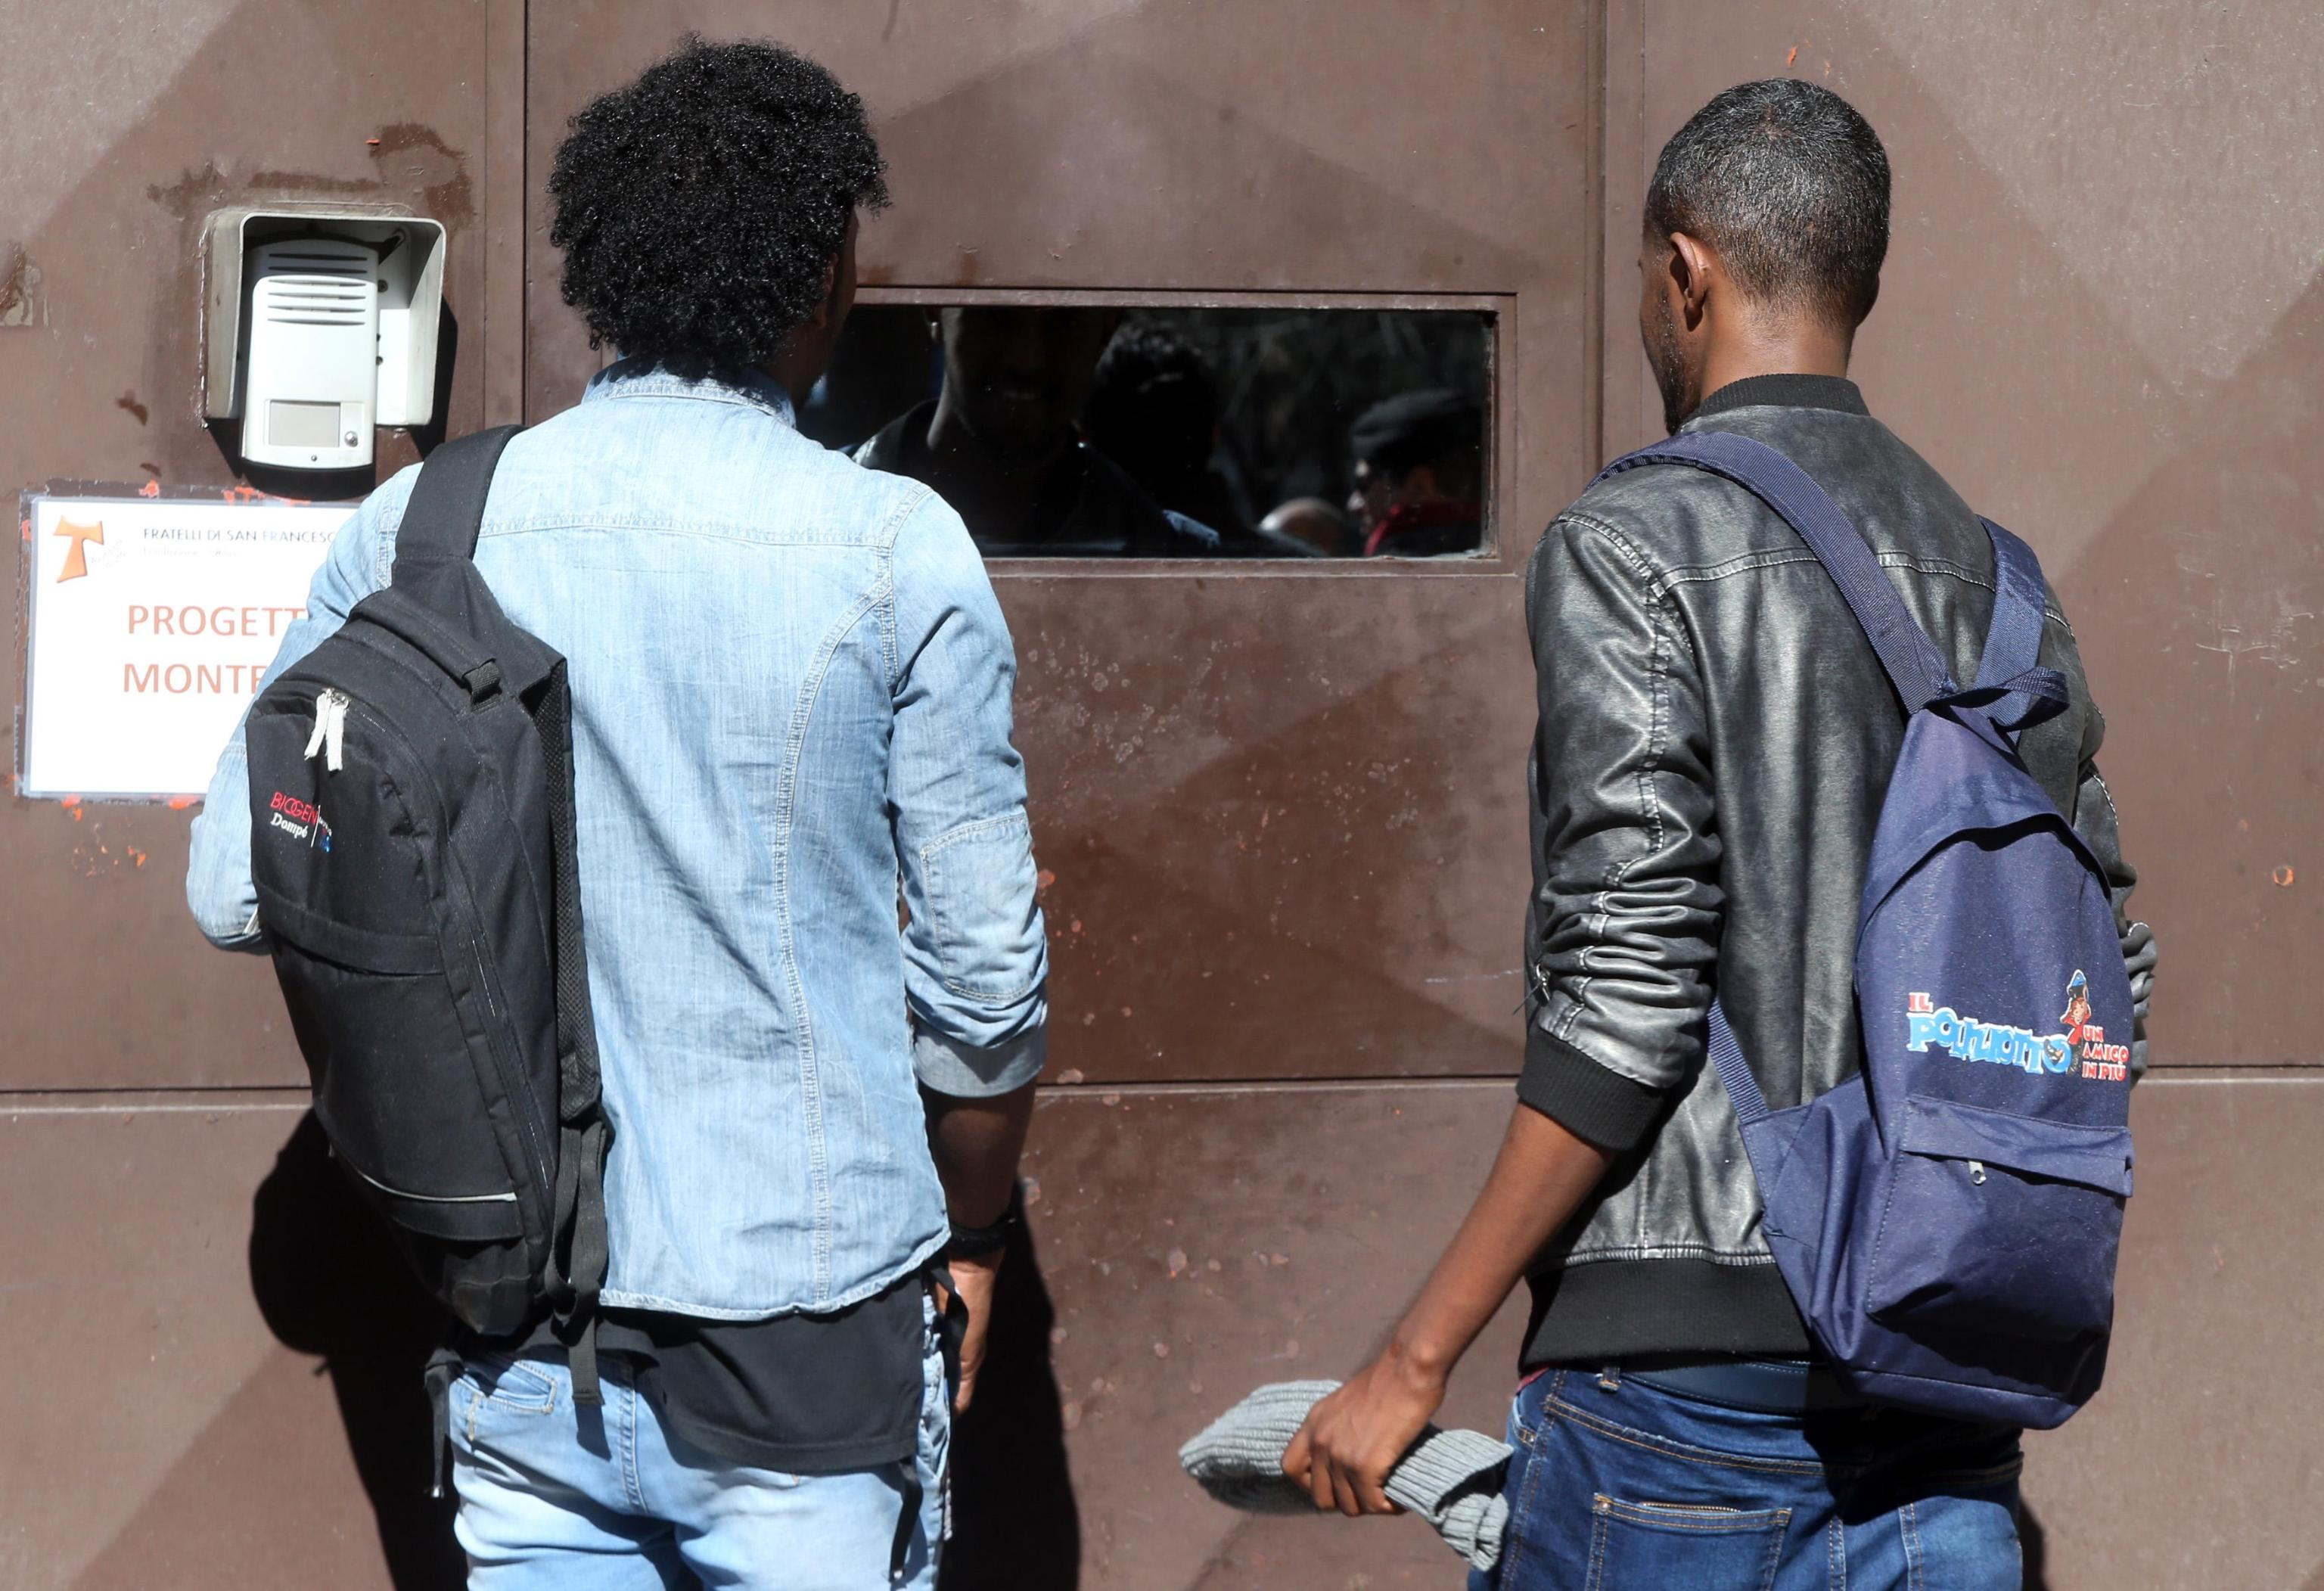 Forlì, colpi di pistola ad aria compressa contro due immigrati